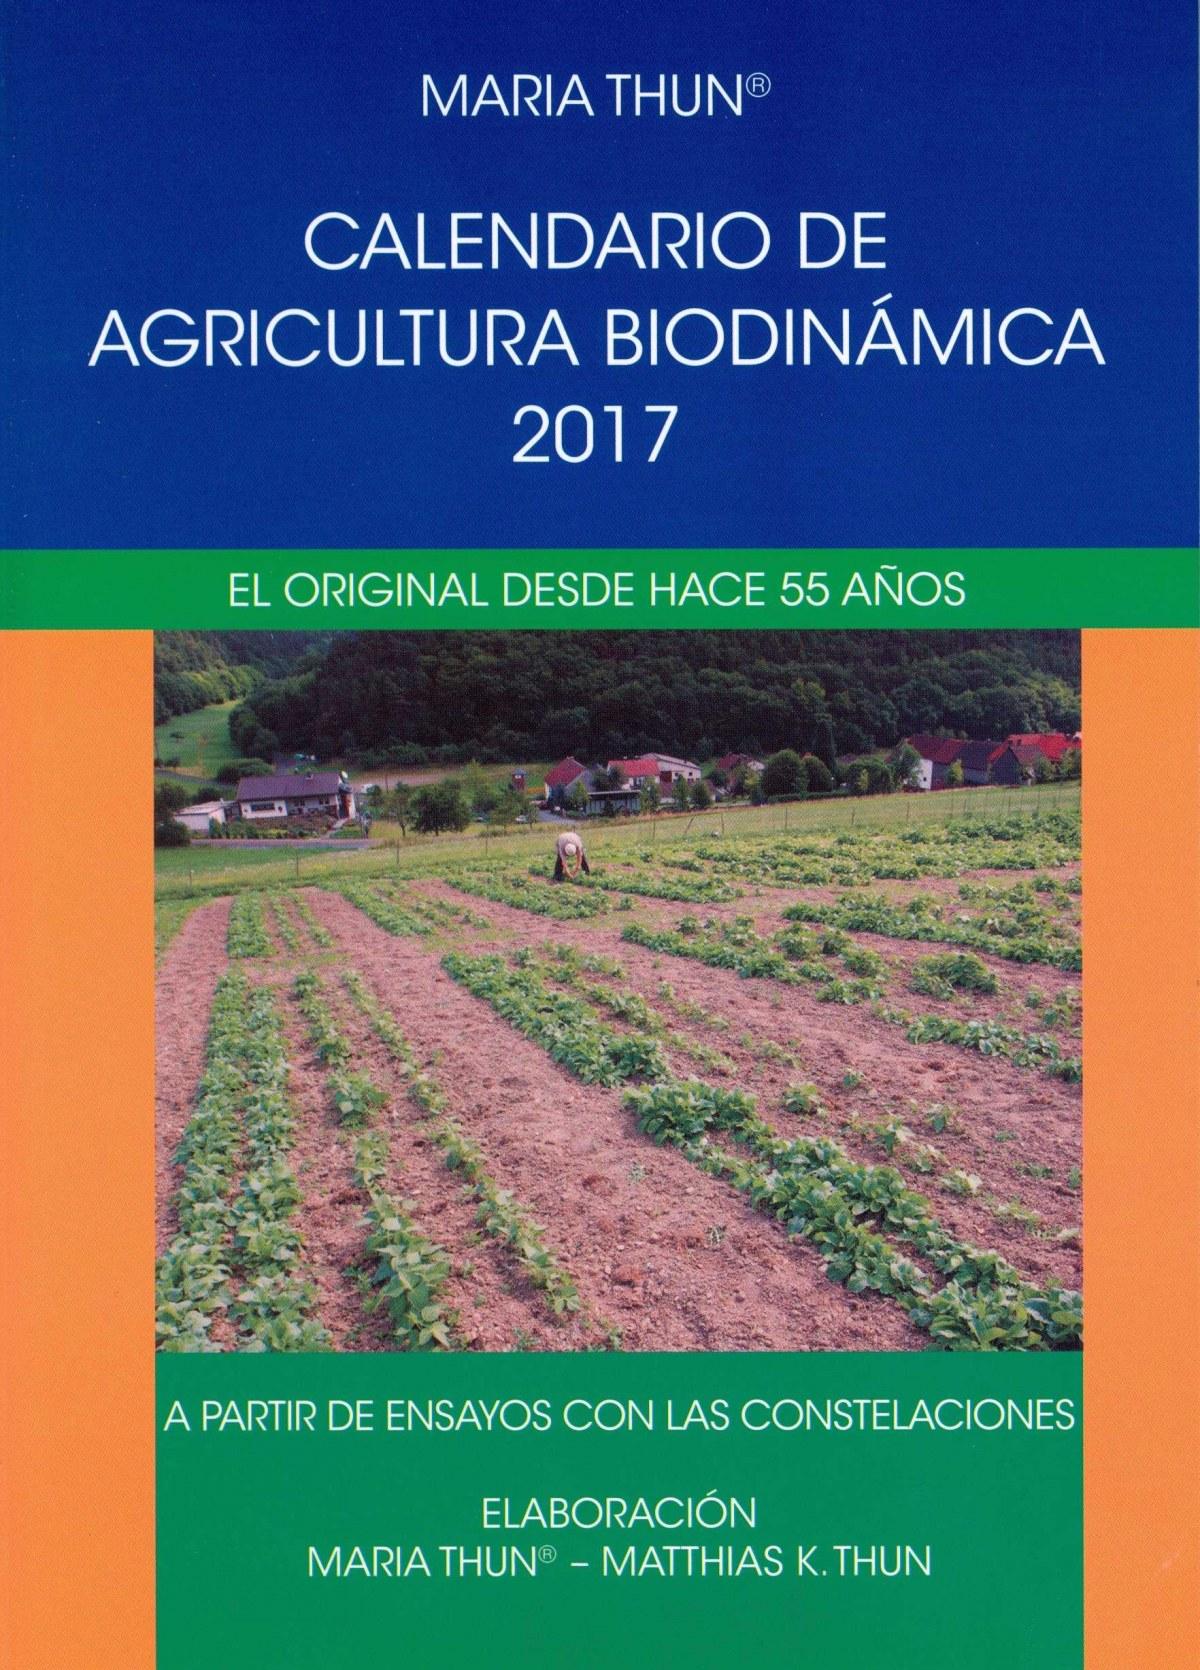 CALENDARIO DE AGRICULTURA BIODINAMICA 2017